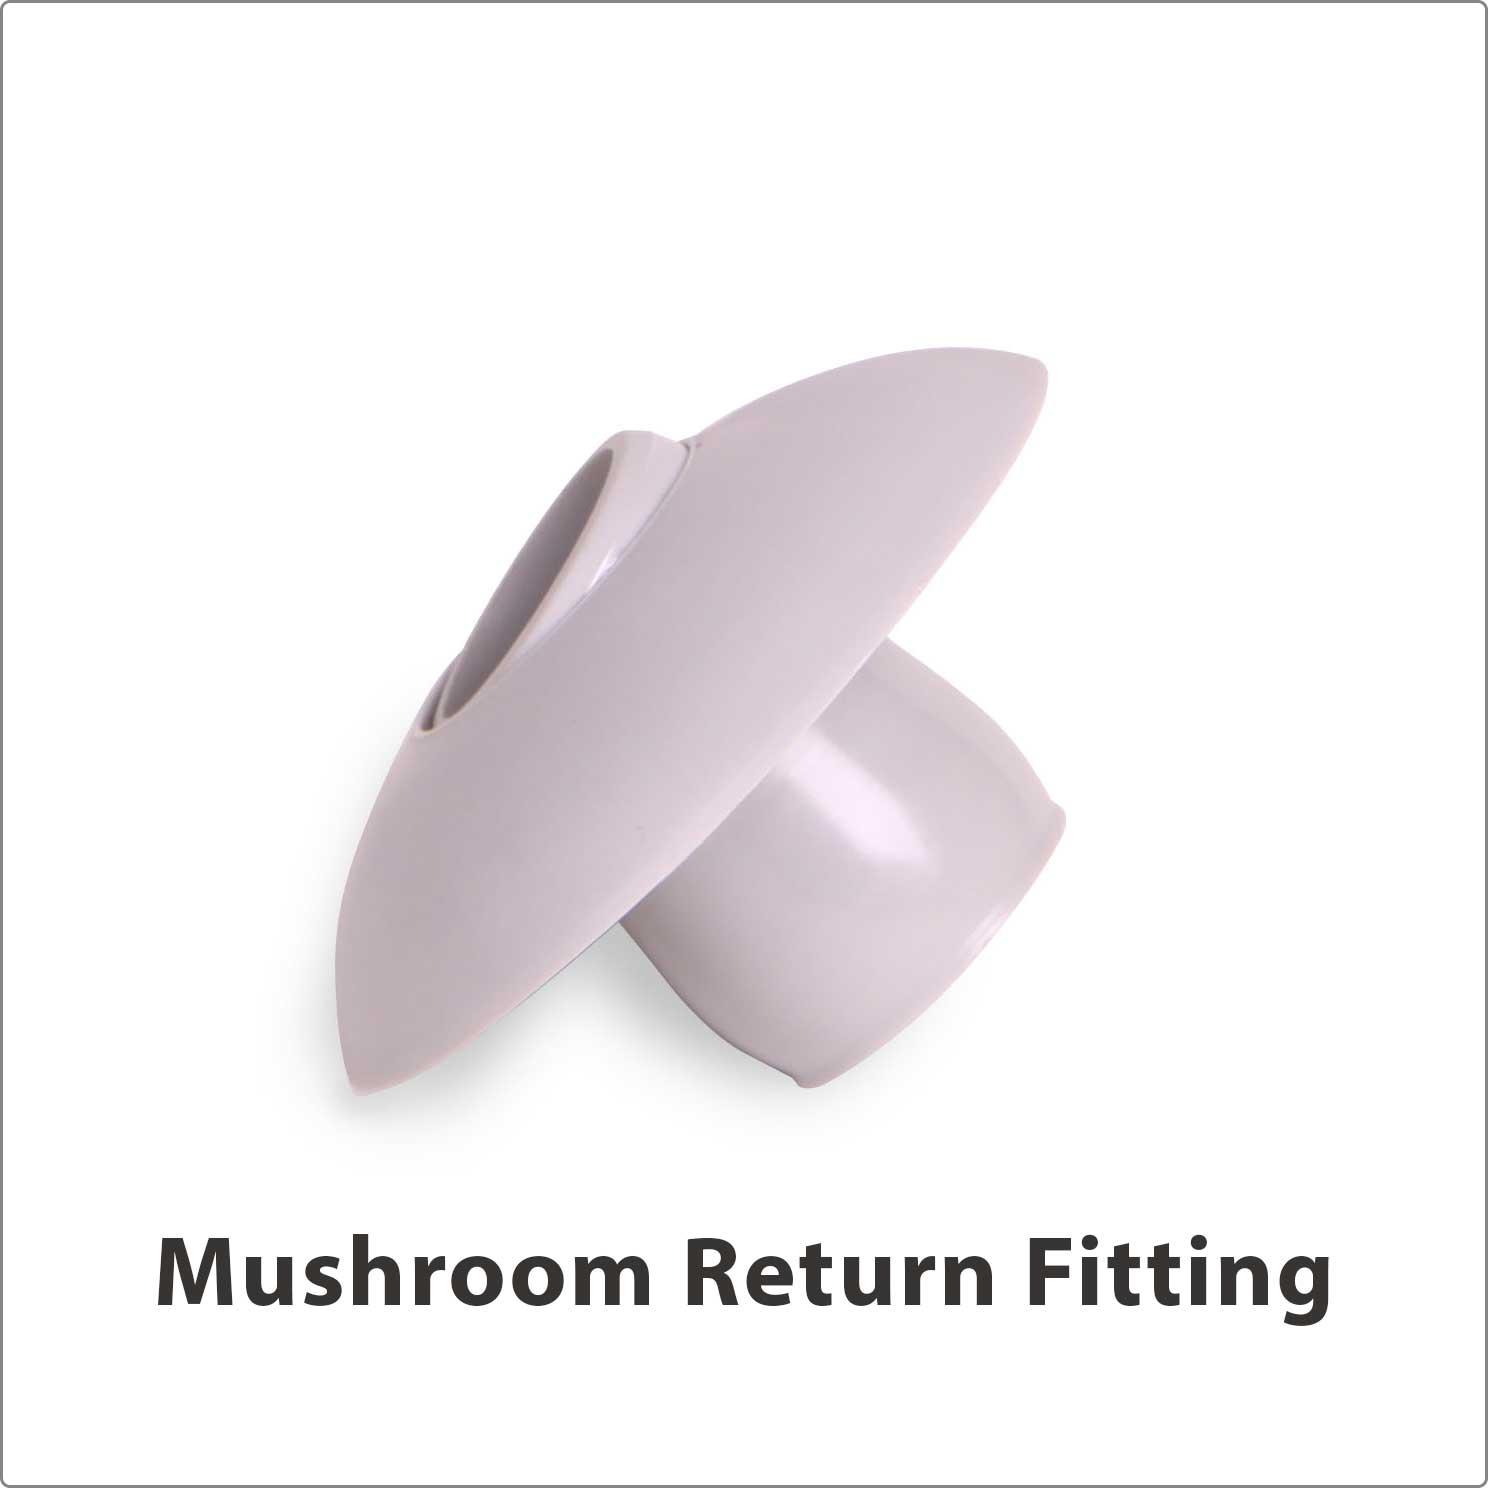 Mushroom Return Fitting